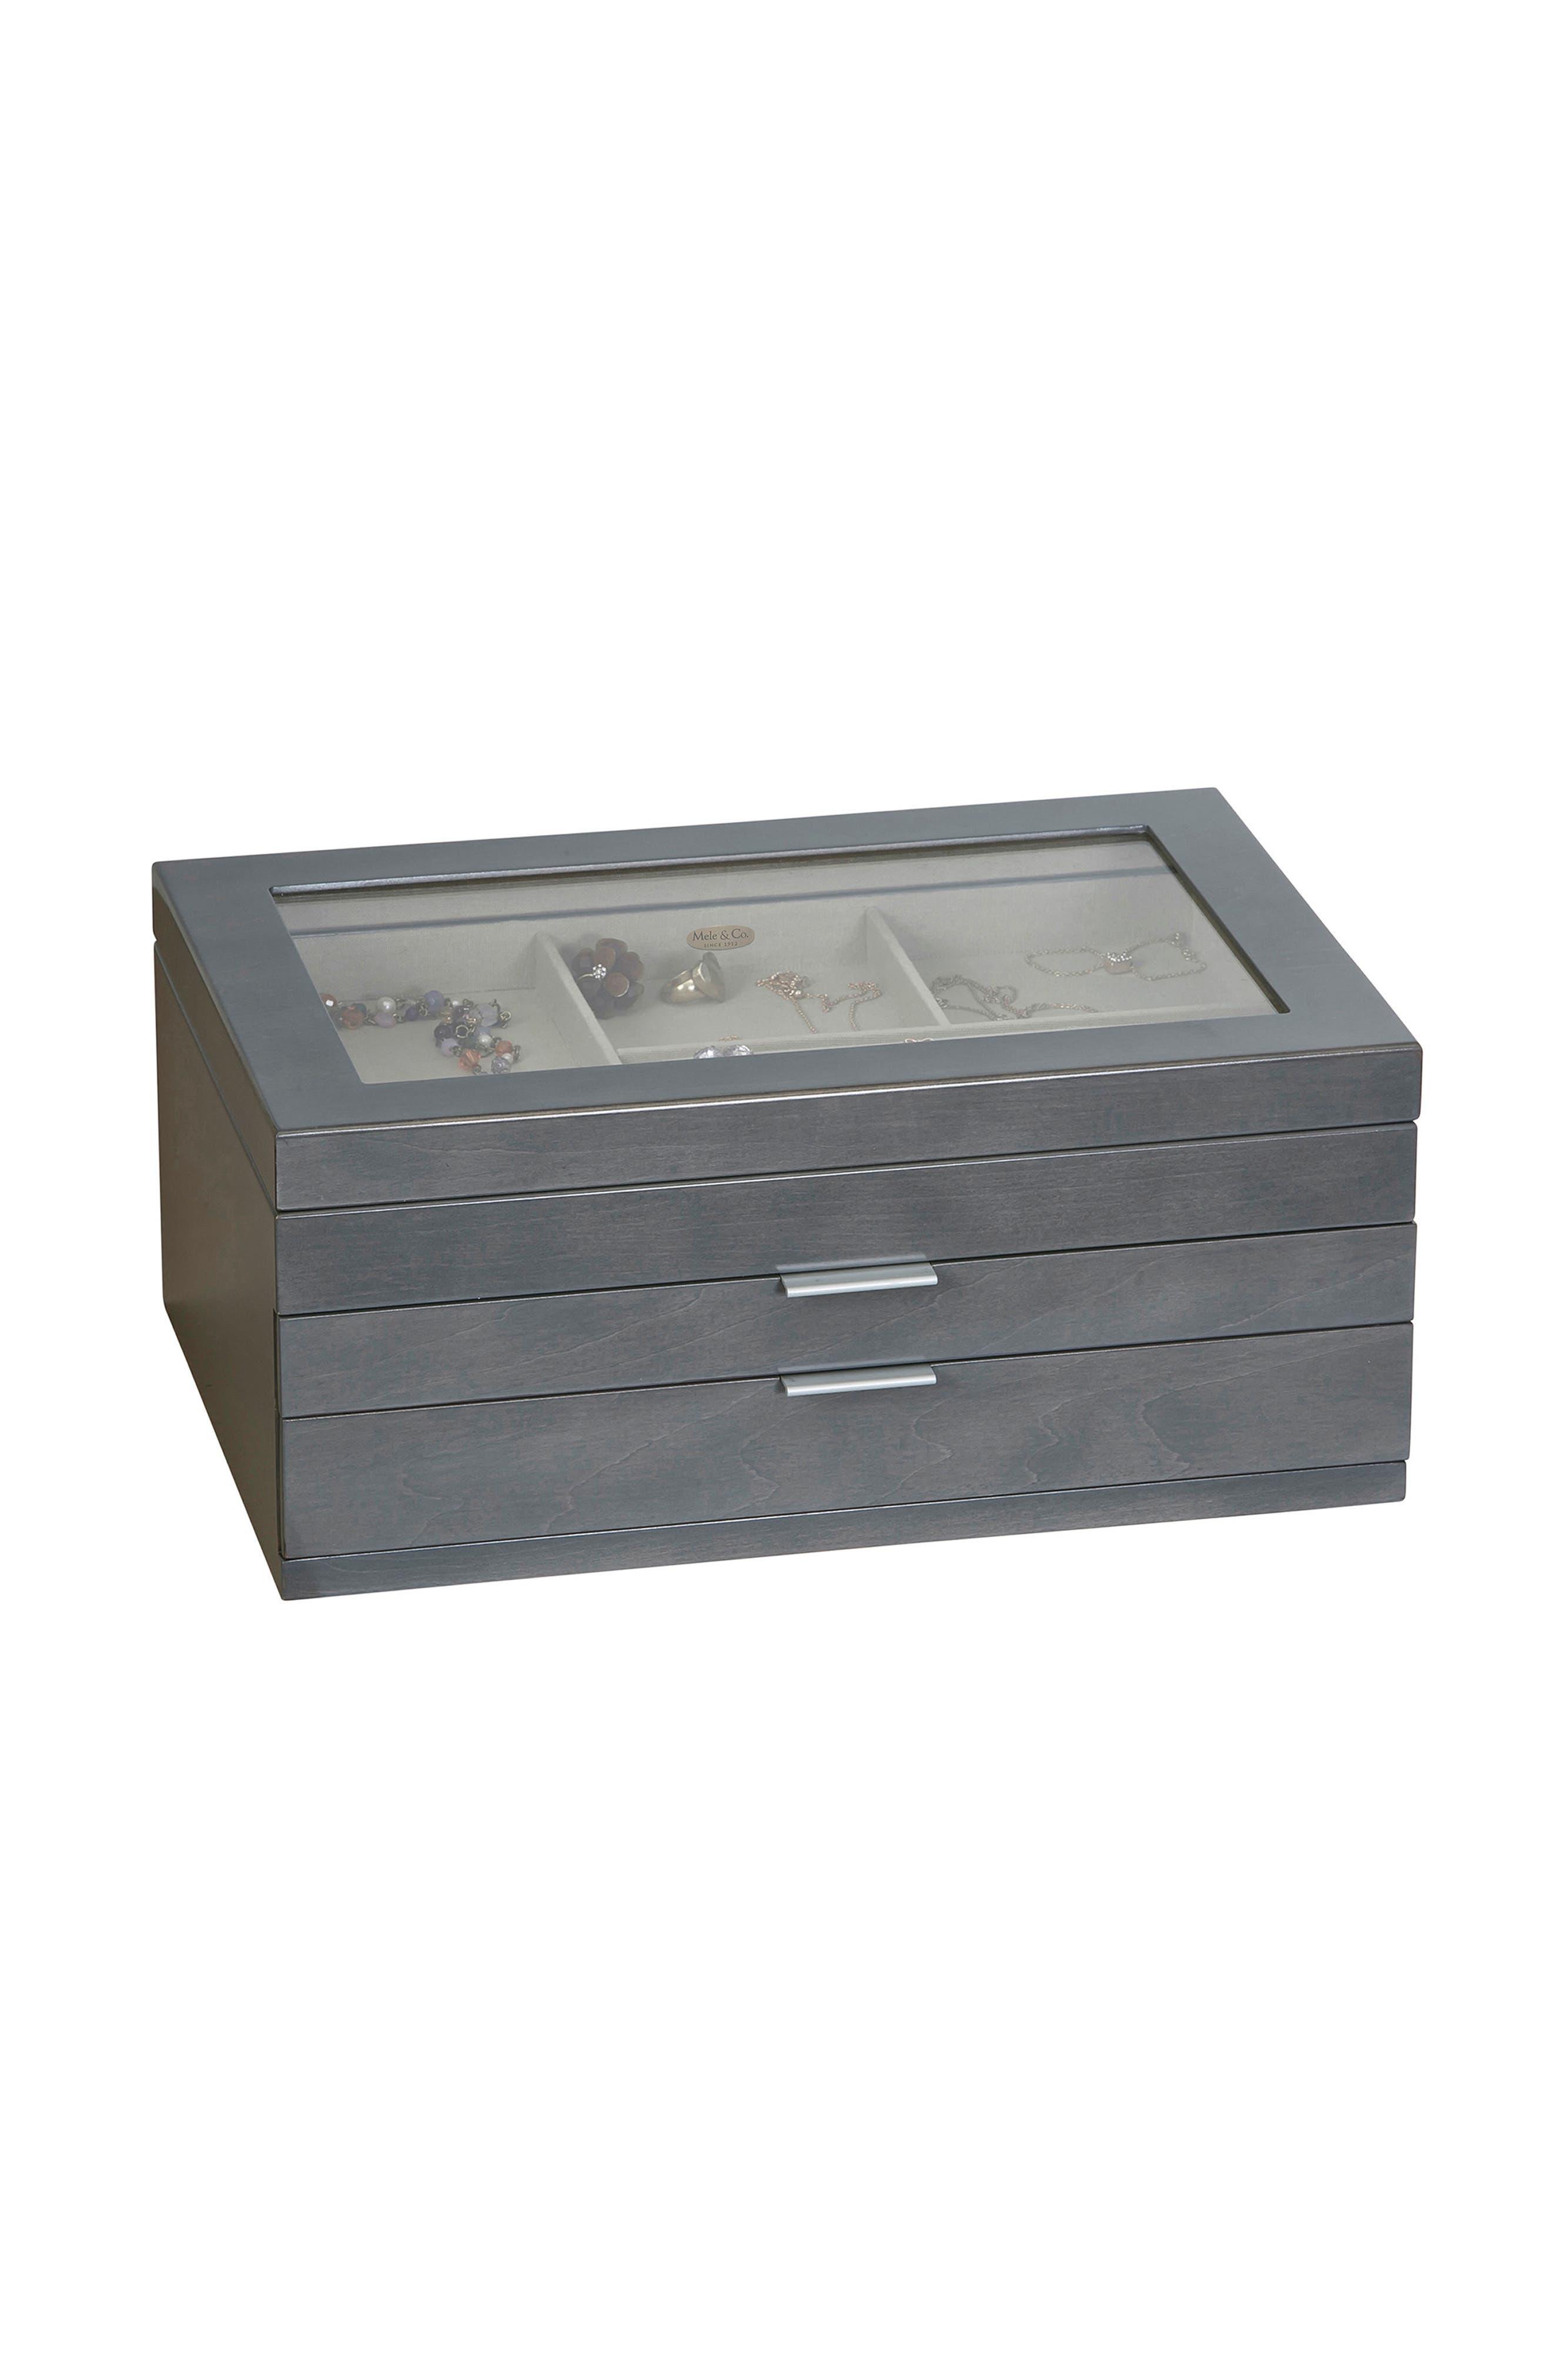 Mele & Co. Misty Glass Top Jewelry Box